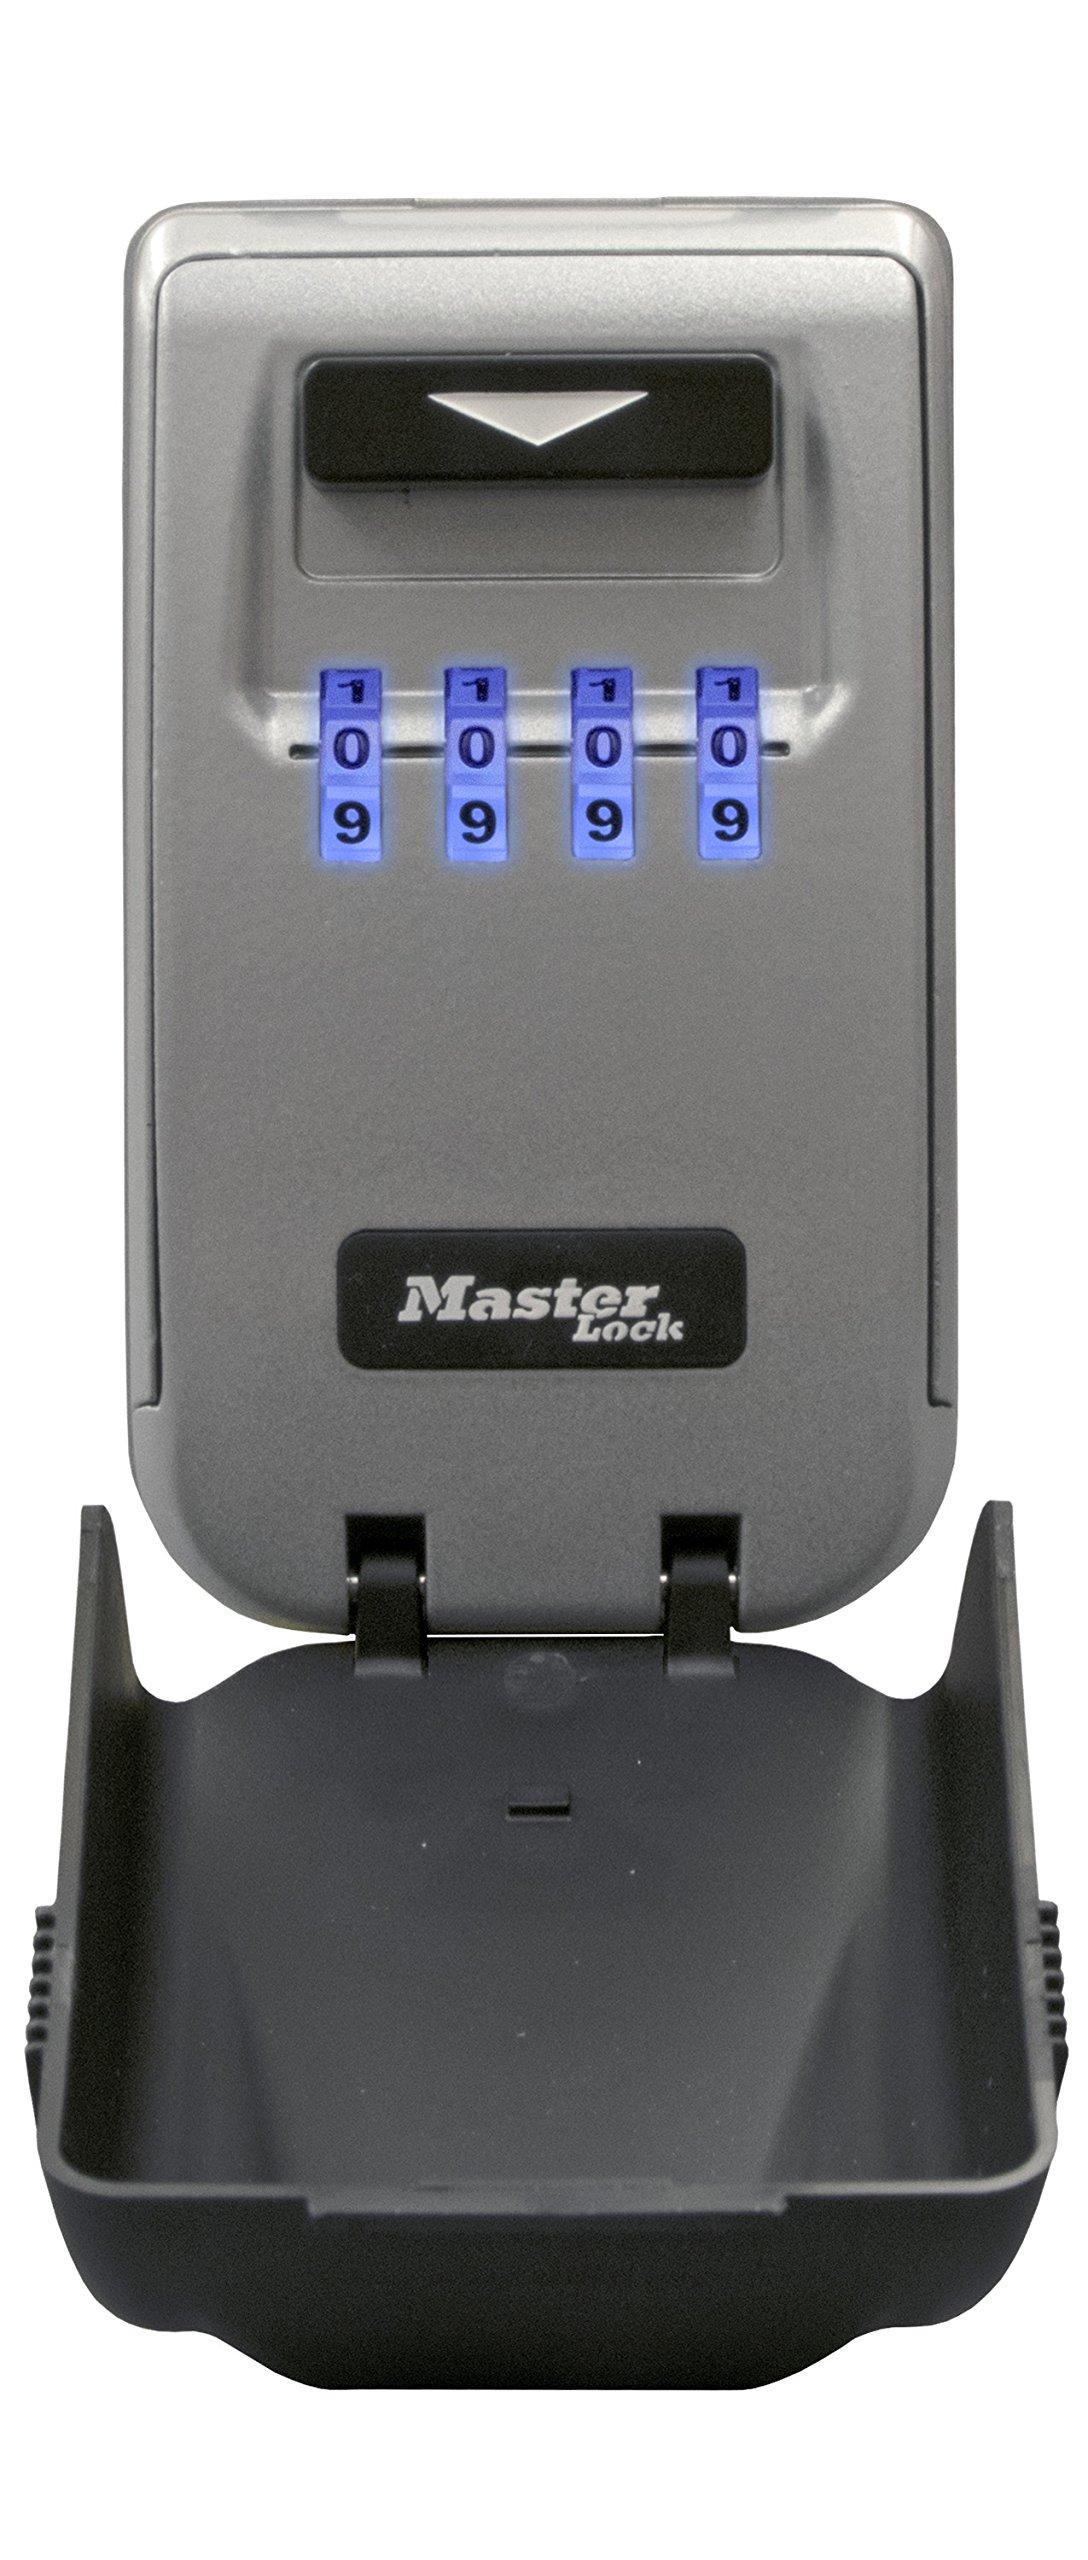 MASTER LOCK Boite à clés sécurisée rétroéclairée  Medium   Murale  -  5425EURD - Select Access - Partagez vos clés en toute sécurité fe385518e22